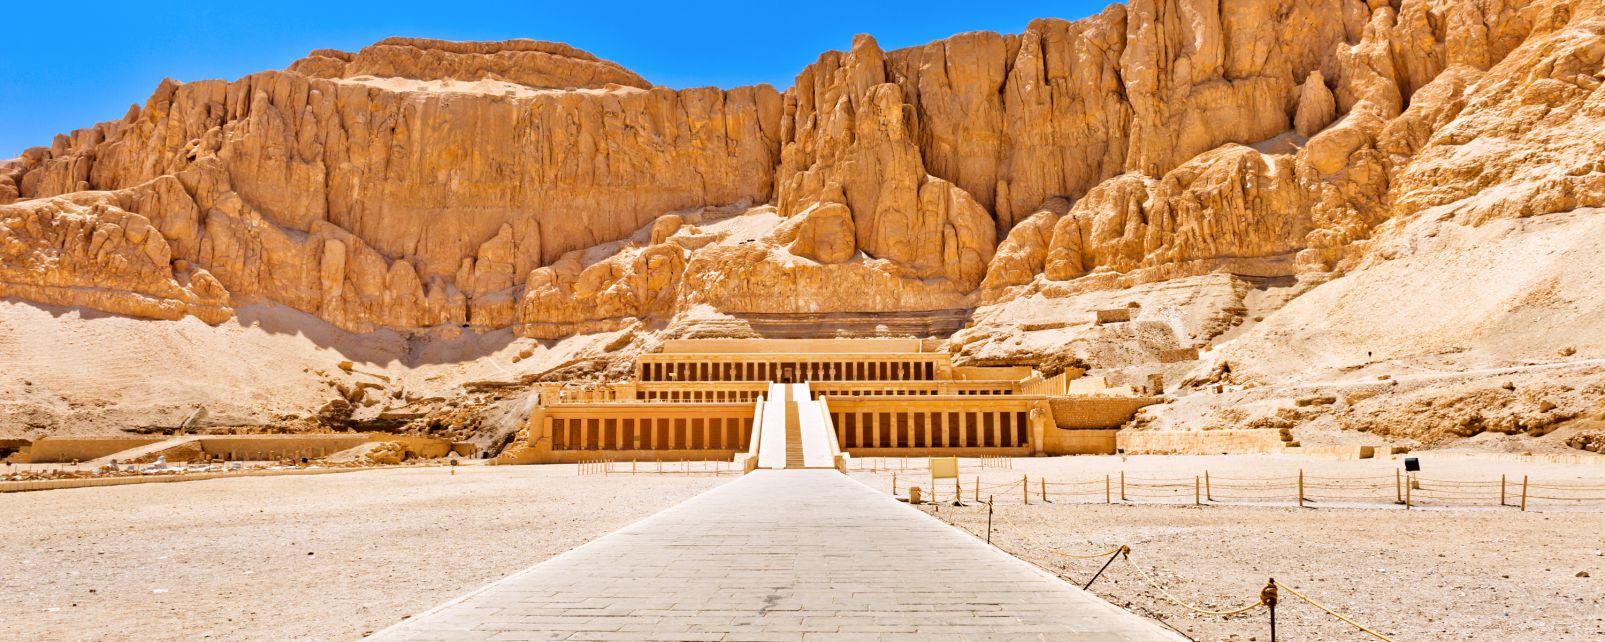 Vista dall'esterno del Tempio di Hatshepsut, Il tempio di Hatchepsut a Deir el-Bahari, I siti, Egitto